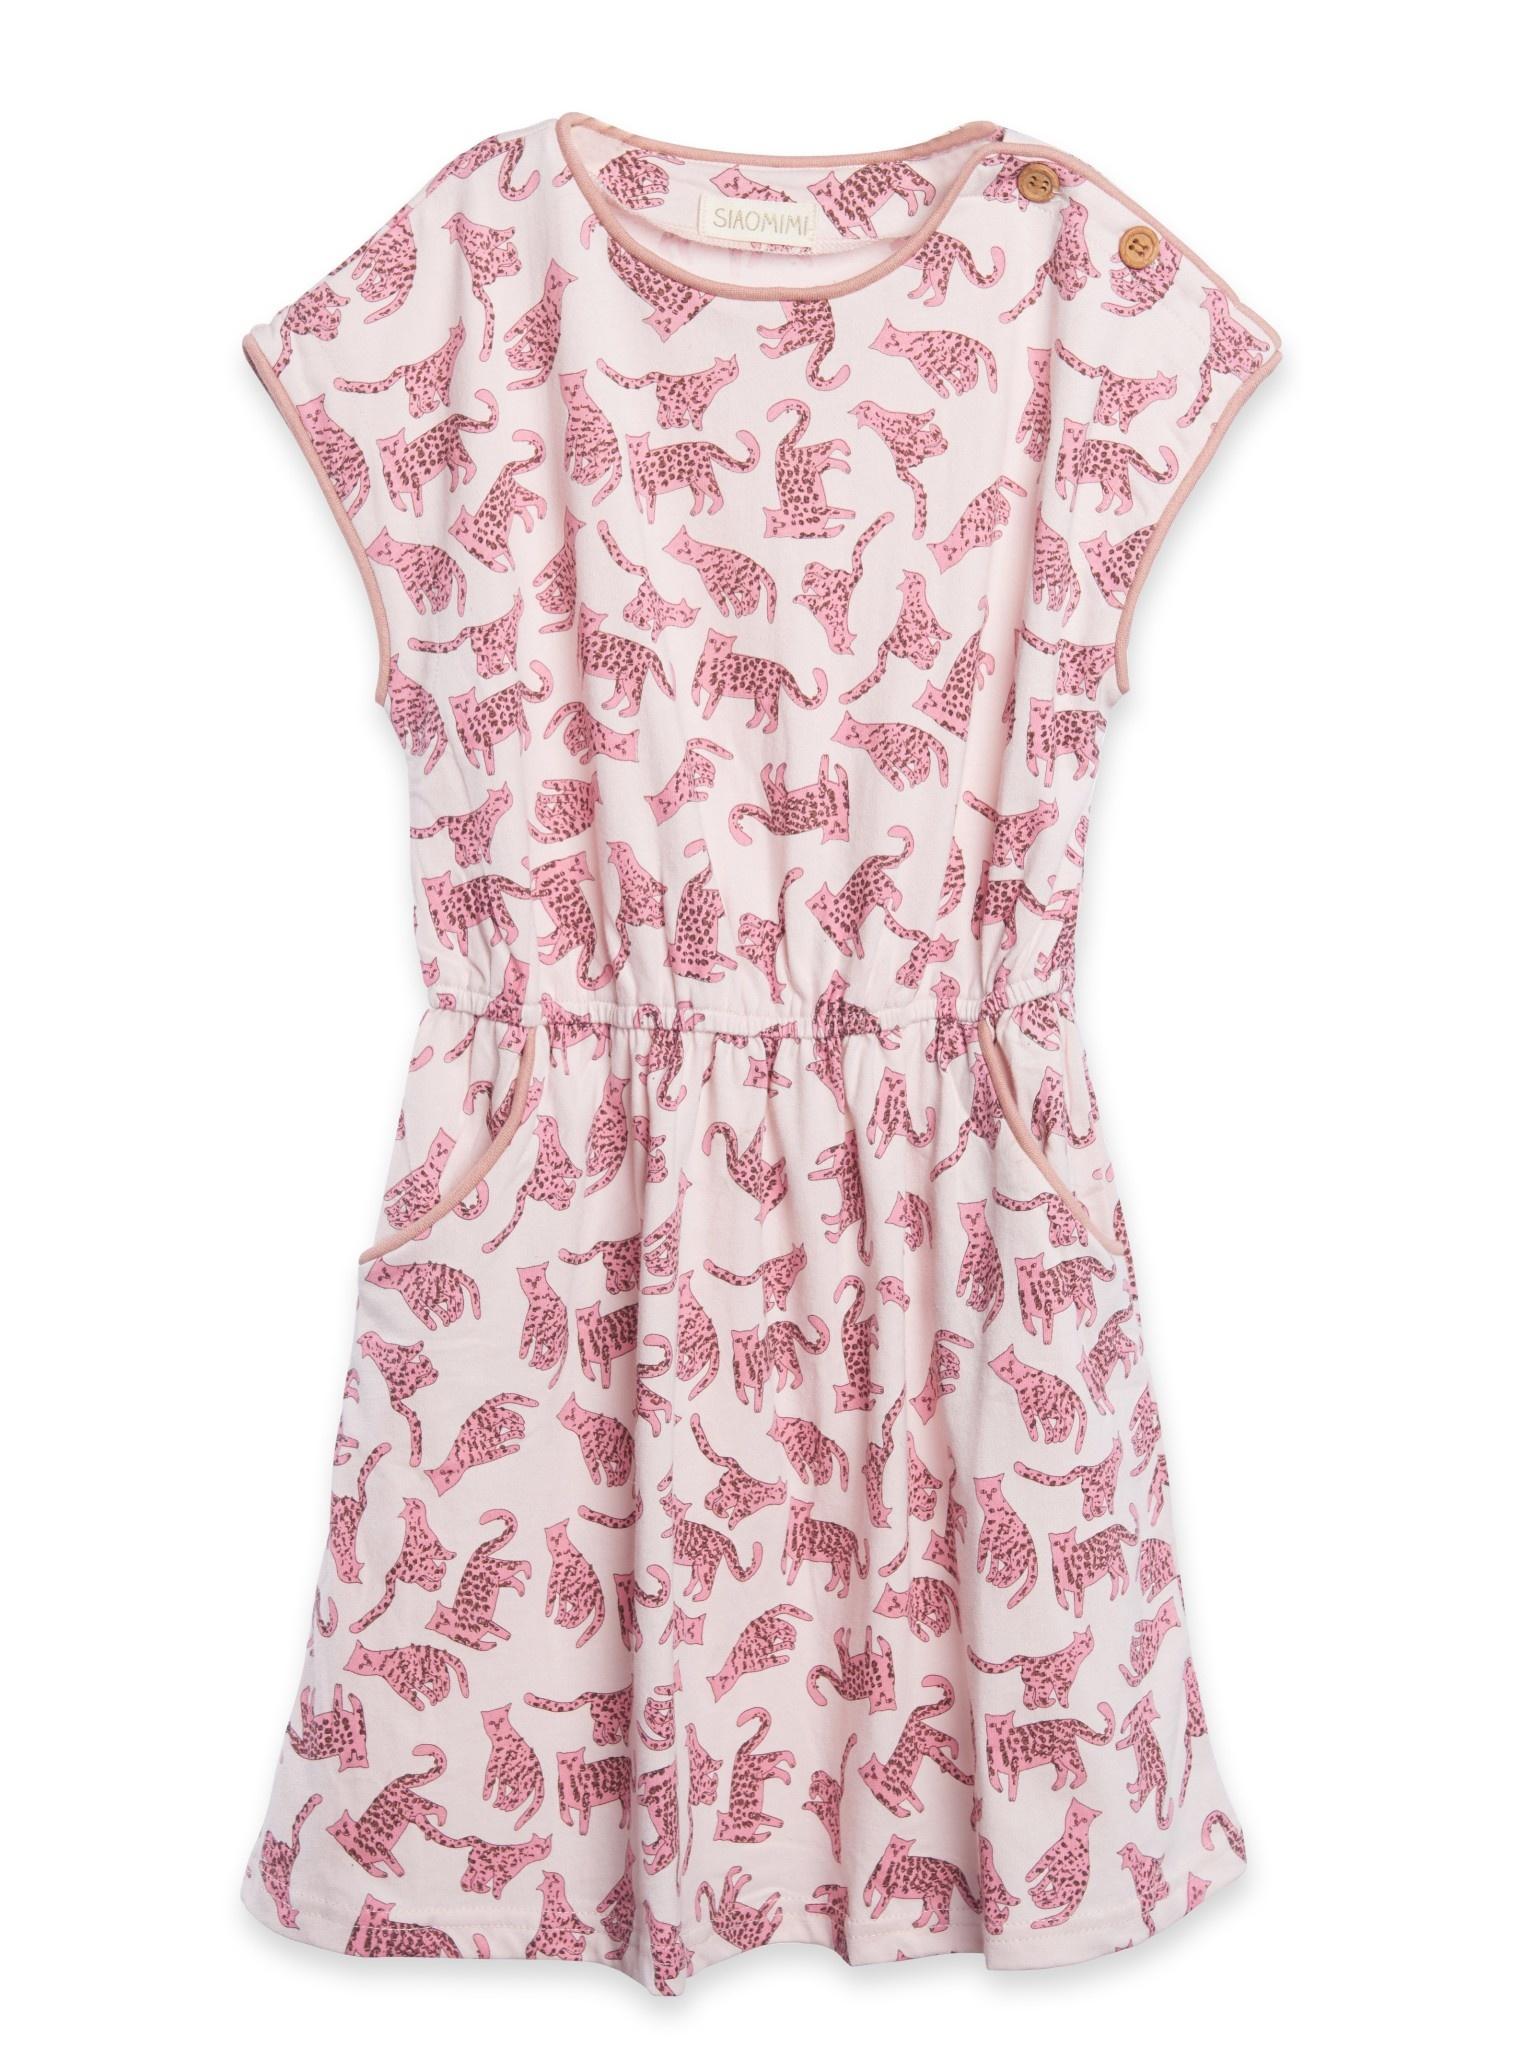 Siaomimi Maddie Dress - Pink Leopard